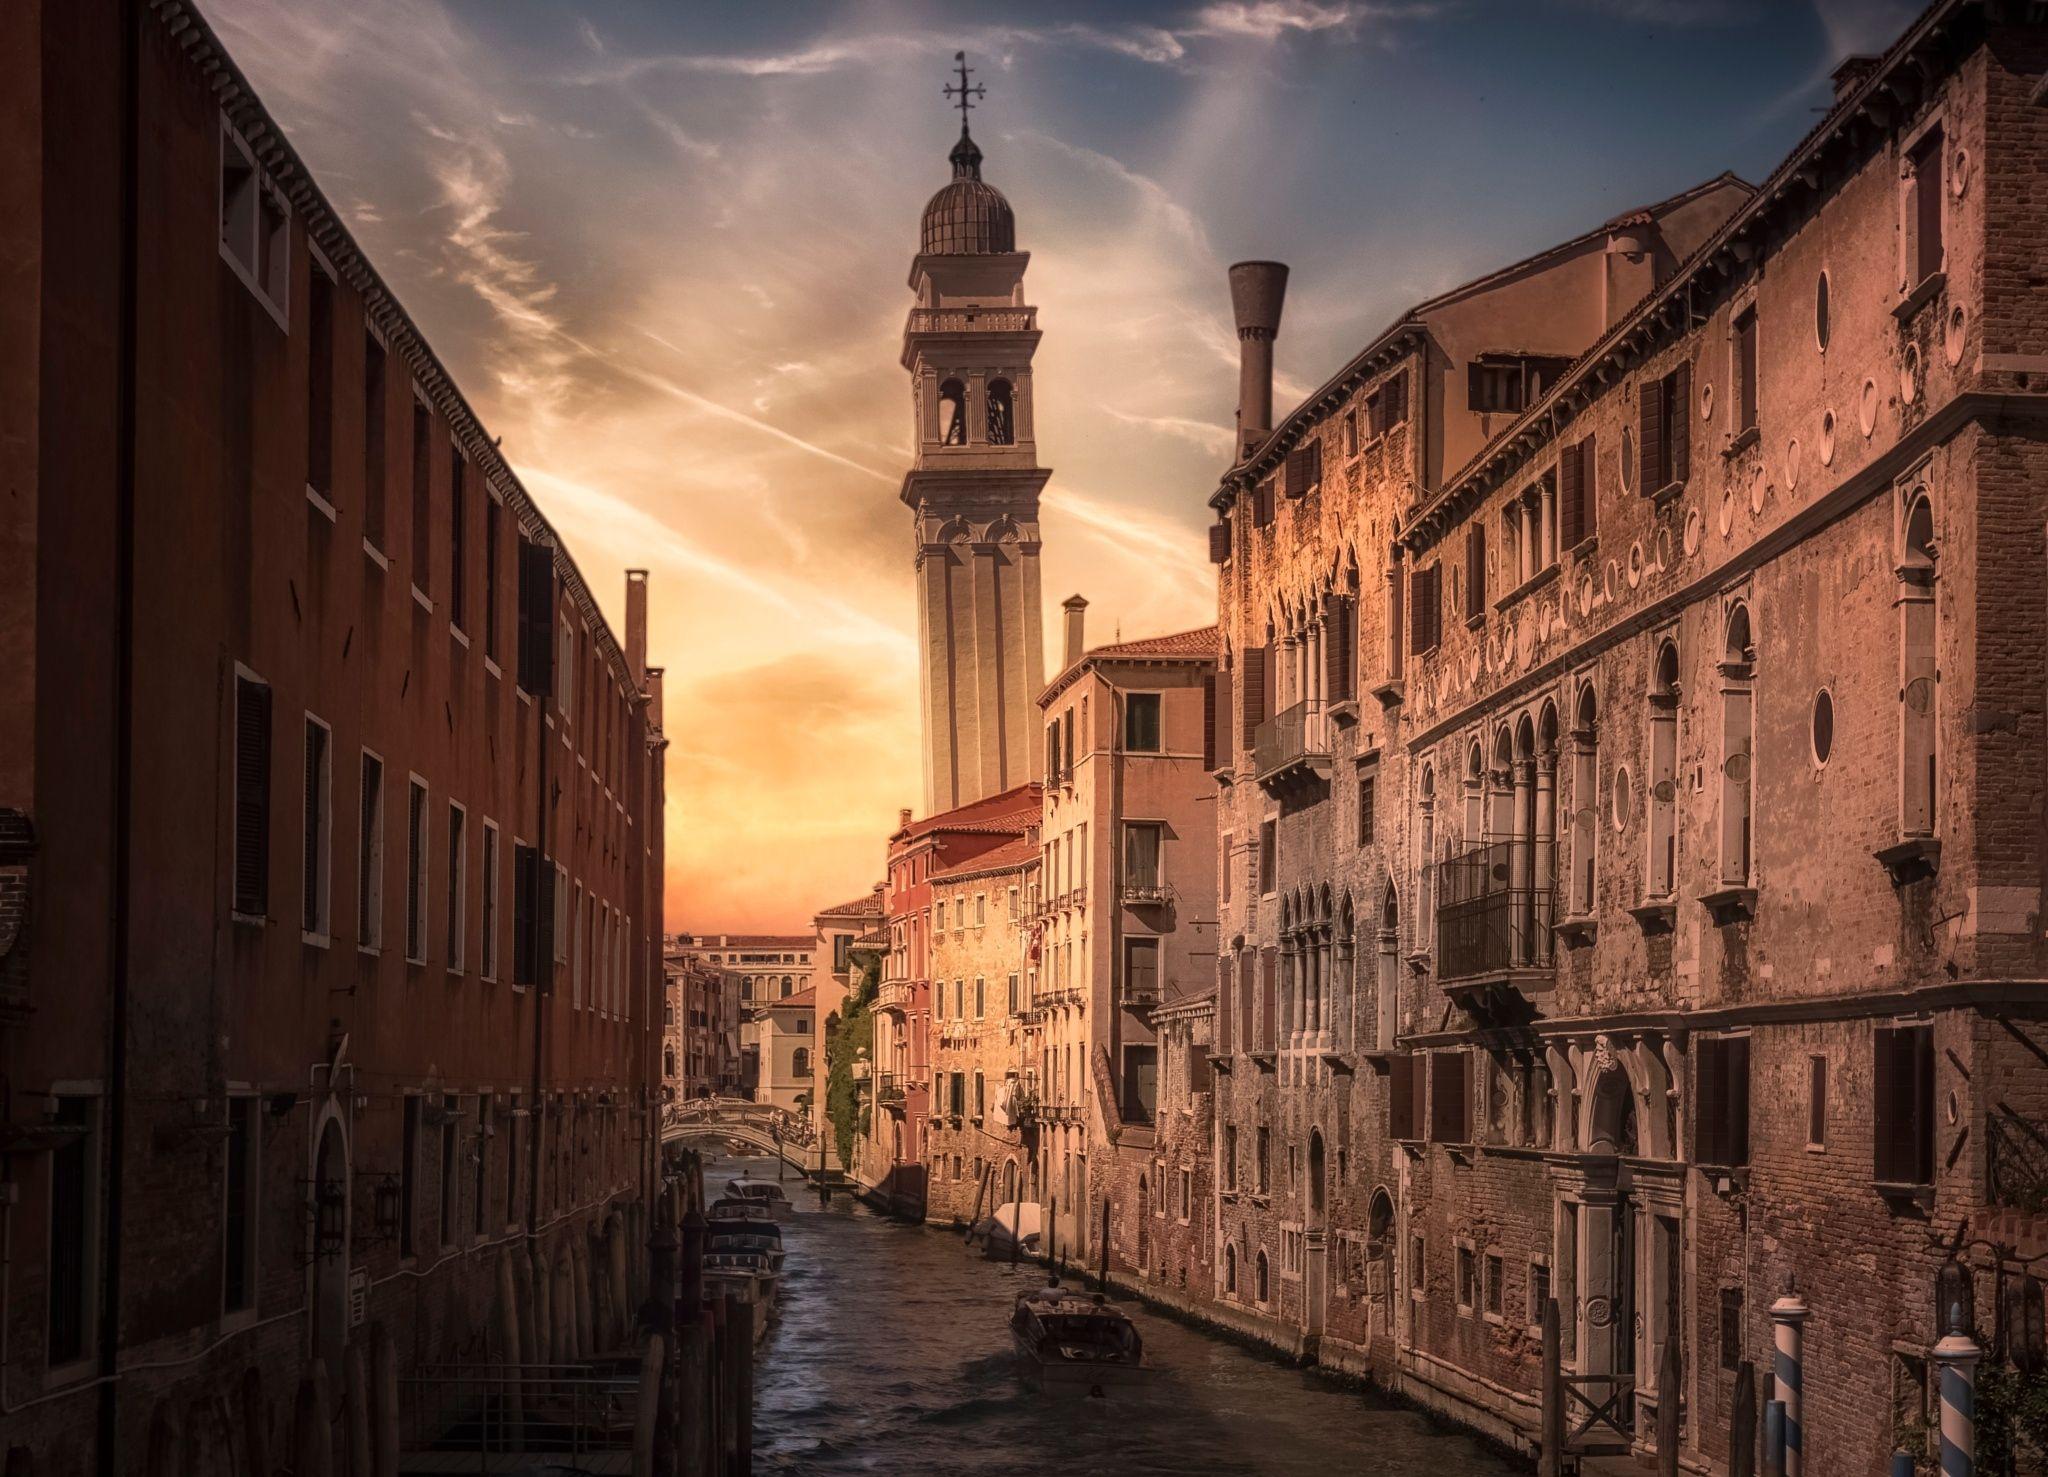 Rio de la Pleta - The canal Rio de la Pleta in Venice with the tilted tower of Church of Sant' Antonin in the background.